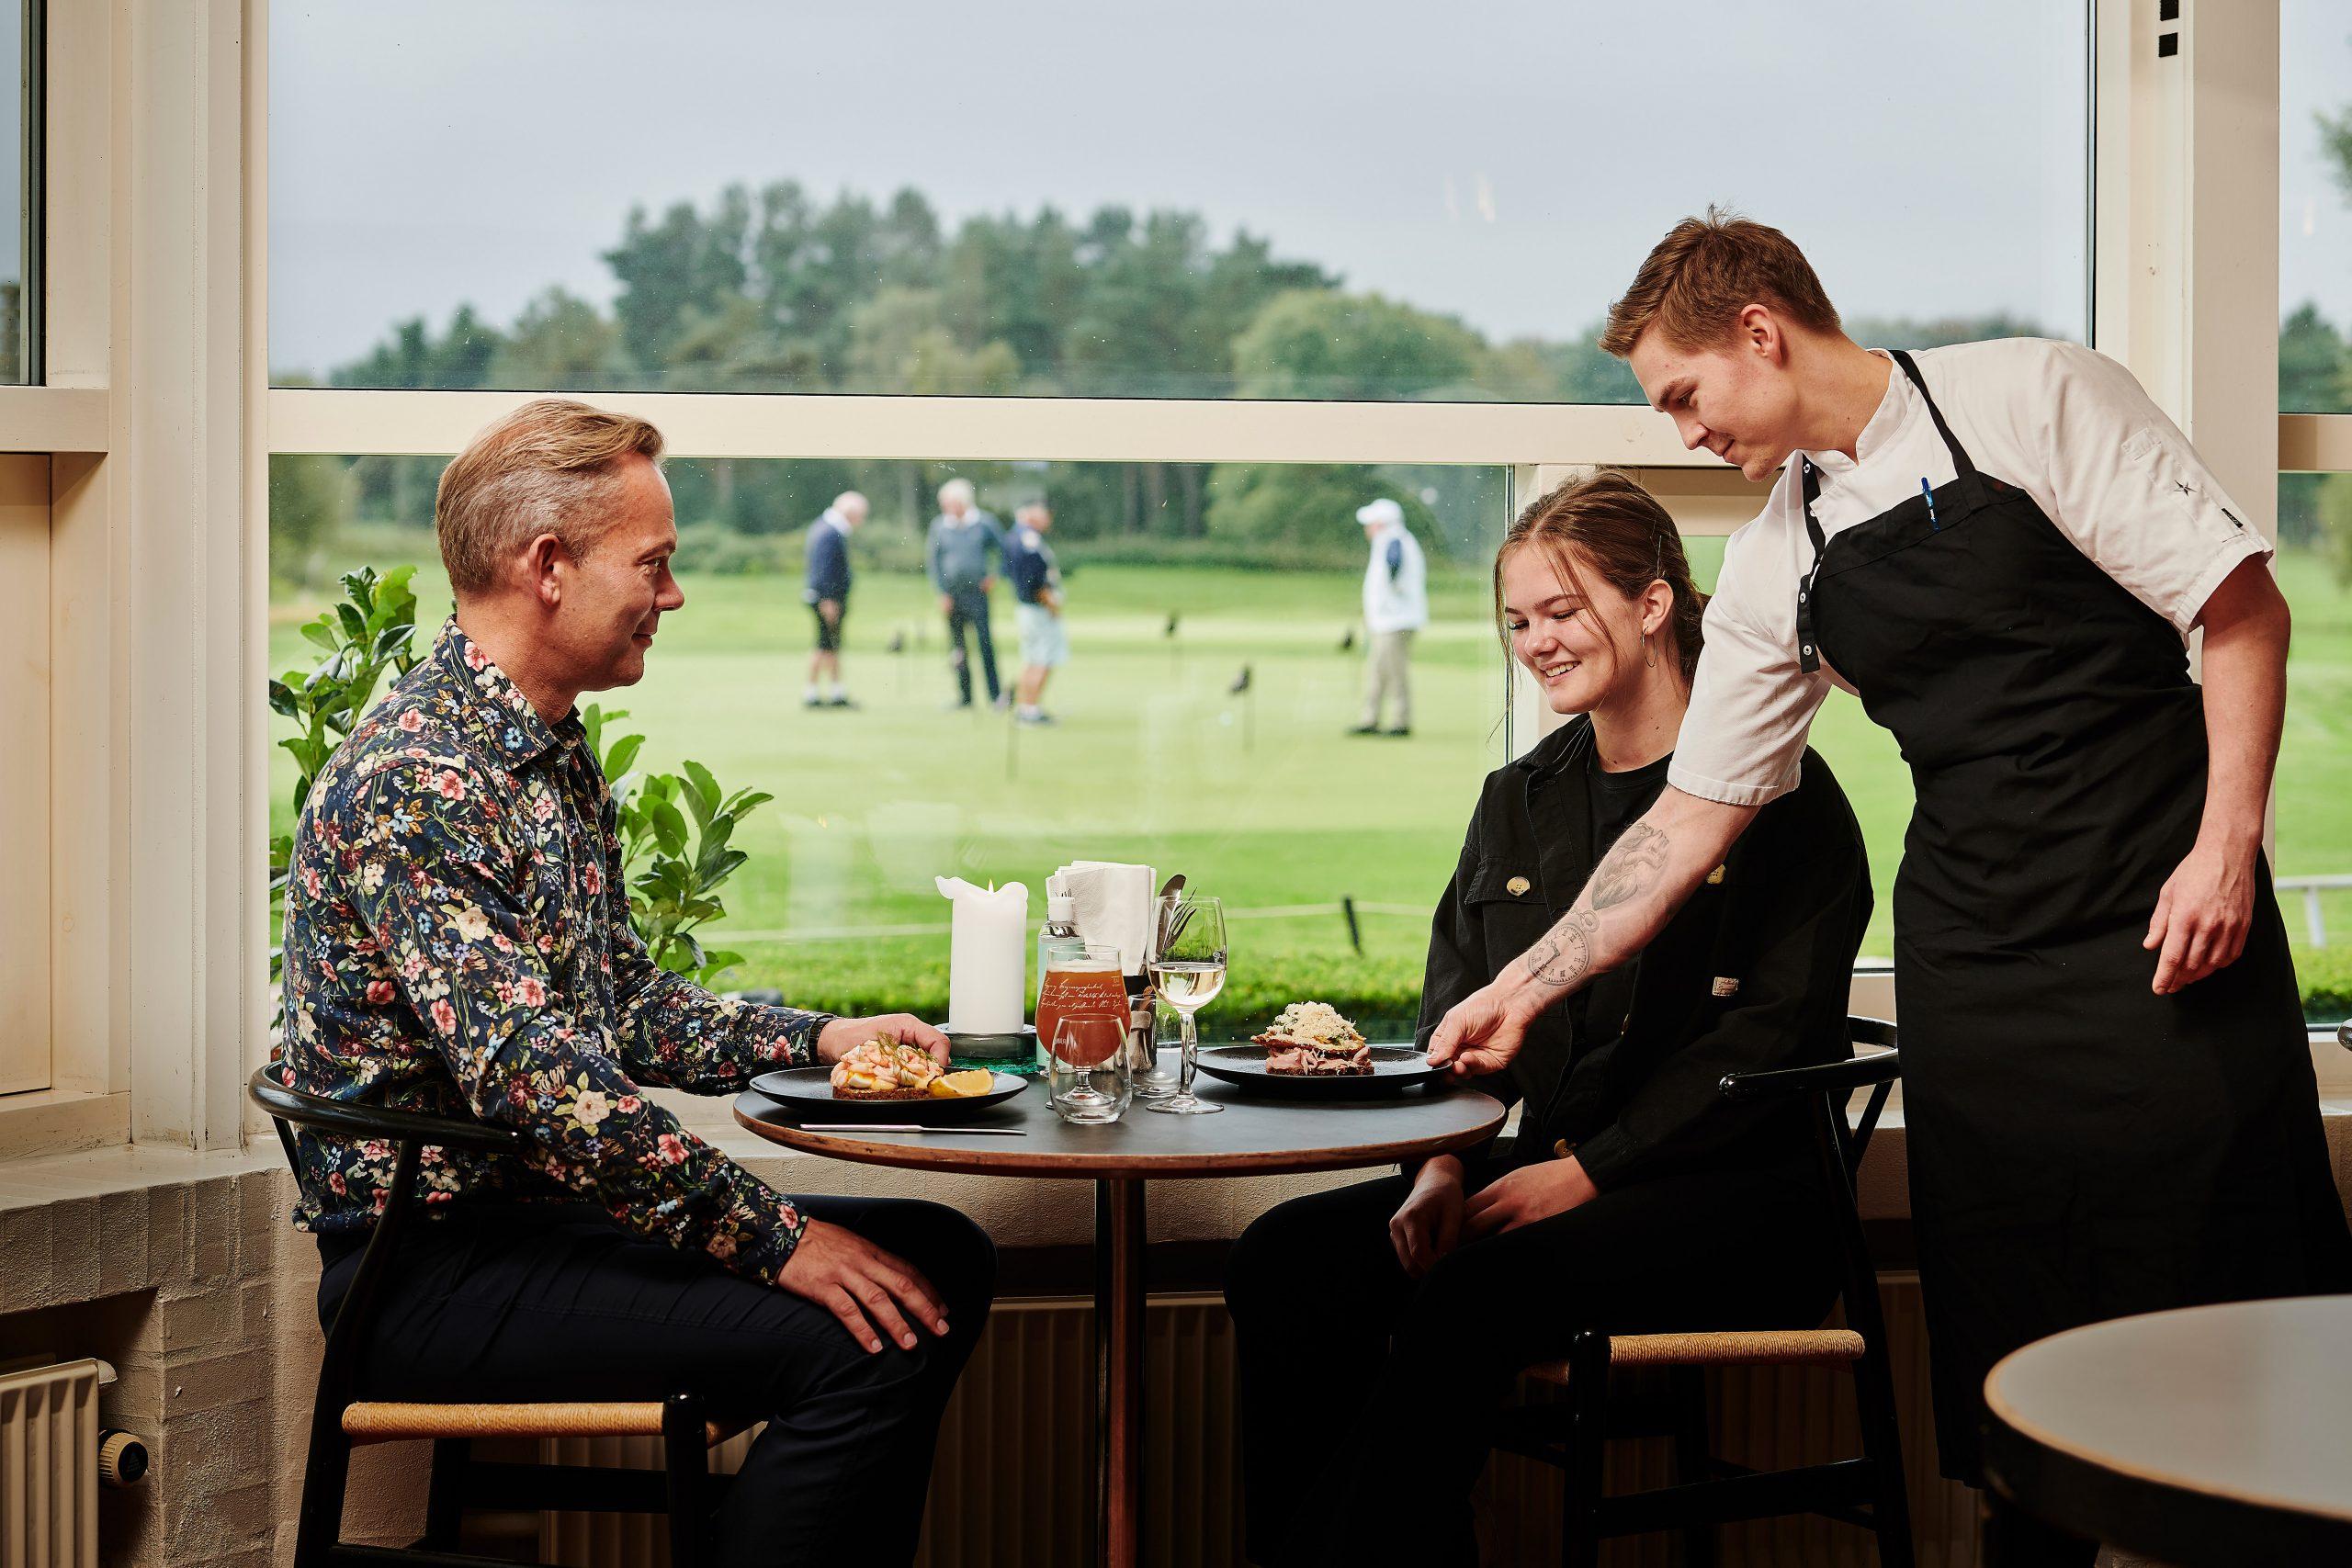 Lokale råvarer og høj kvalitet: Ung landholdskok åbner ny restaurant i Aalborg Golf Klub